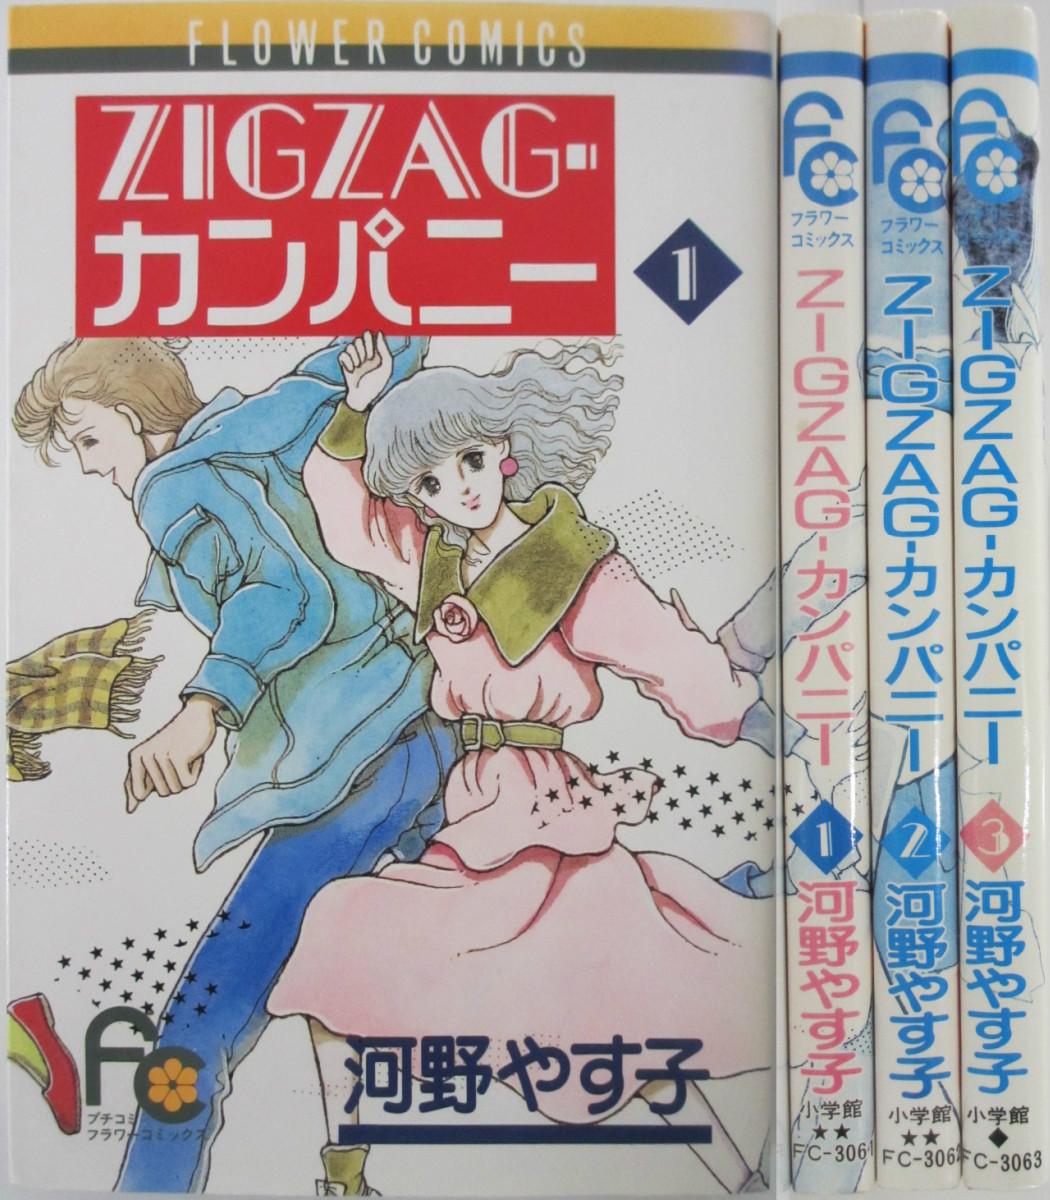 新色 本日の目玉 中古 ZIGZAG カンパニー 全巻セット 河野やす子 1-3巻